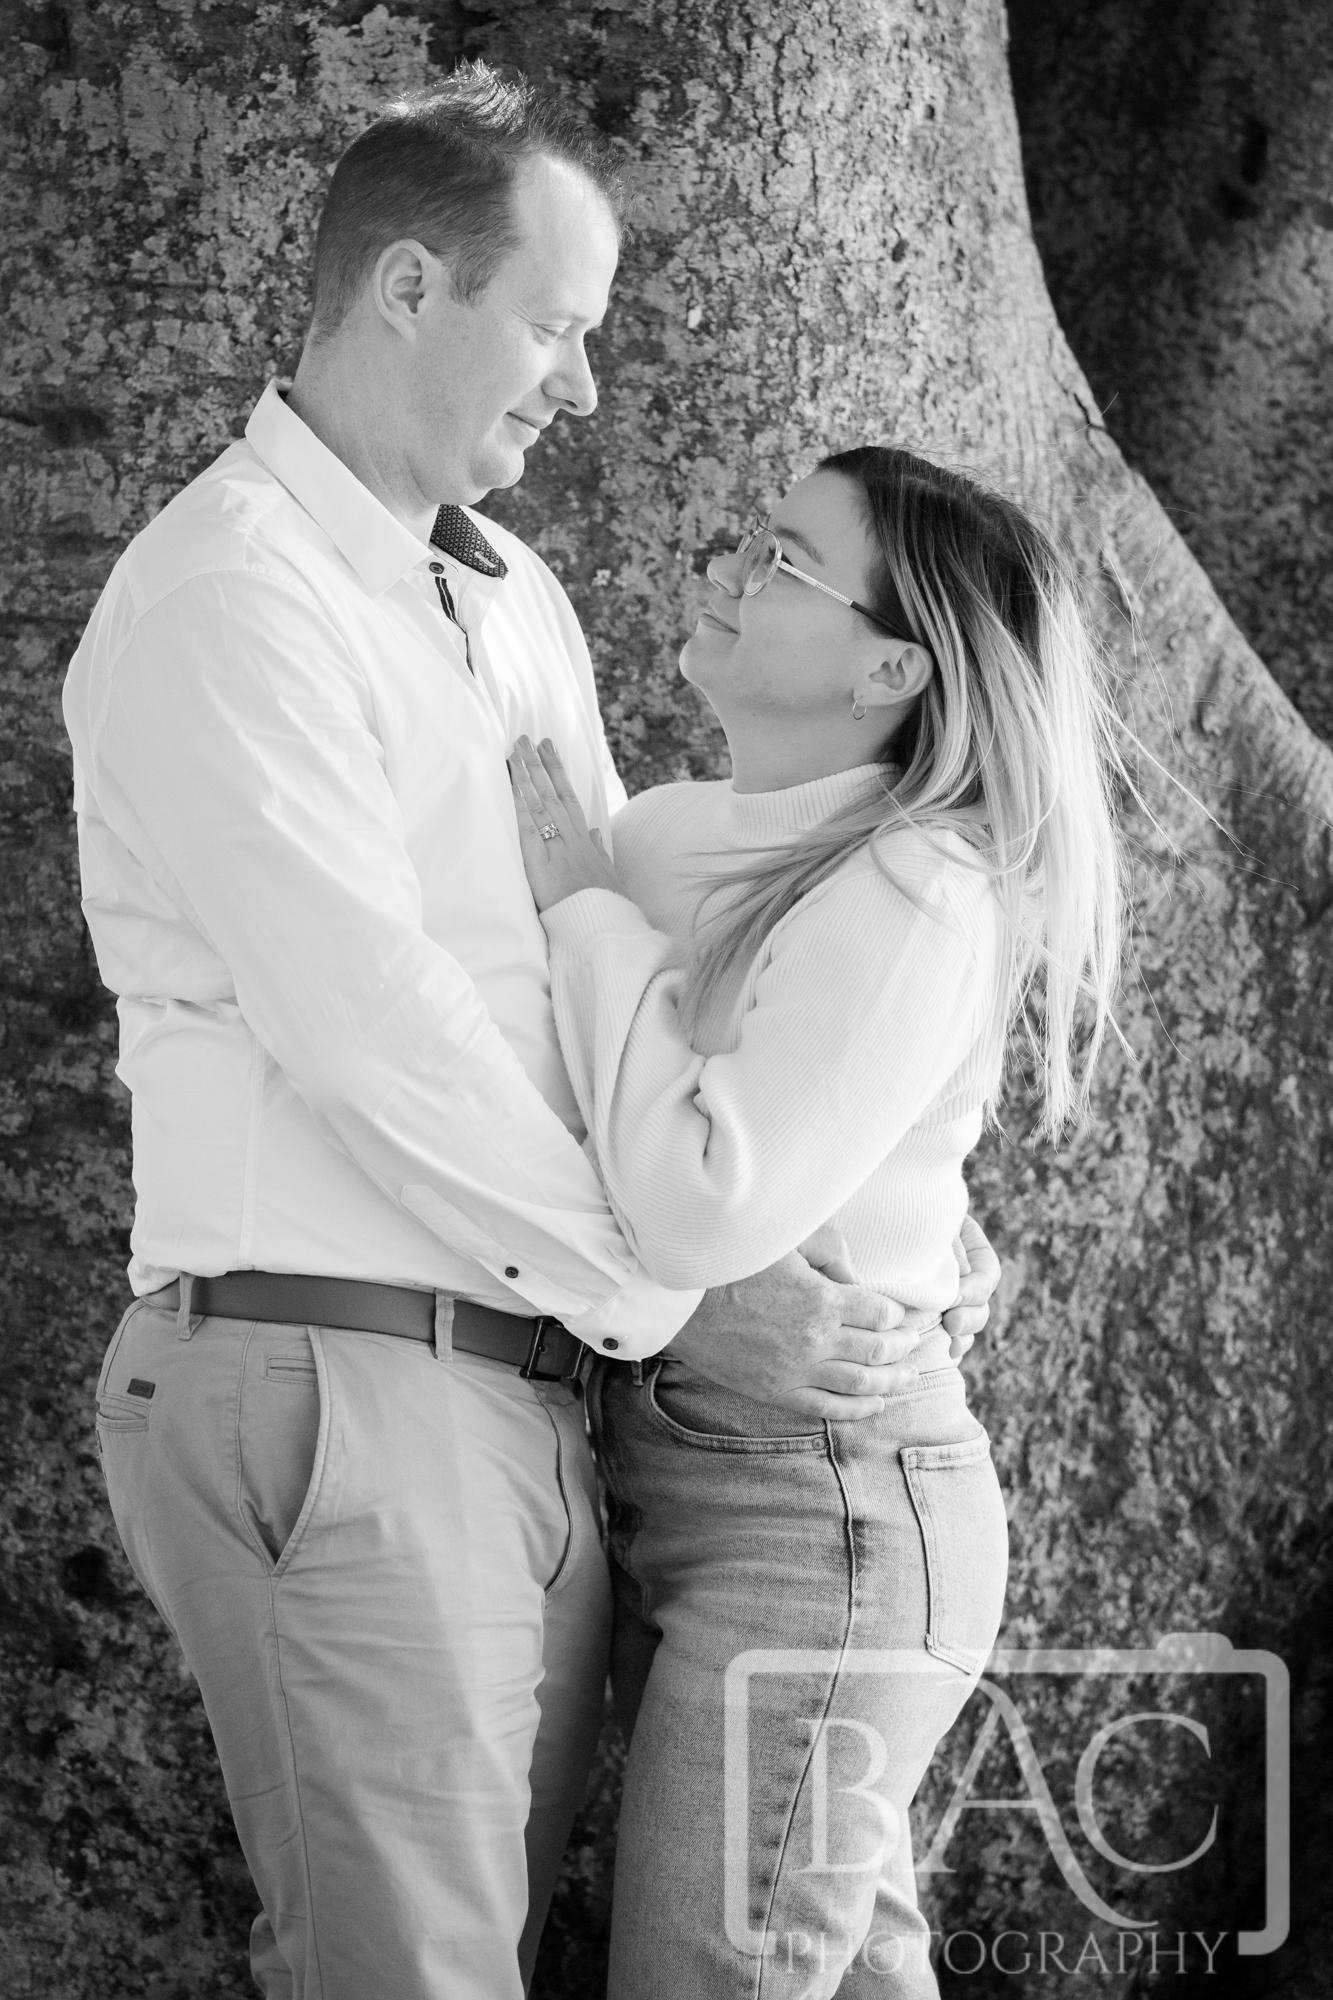 couples romantic outdoor portrait